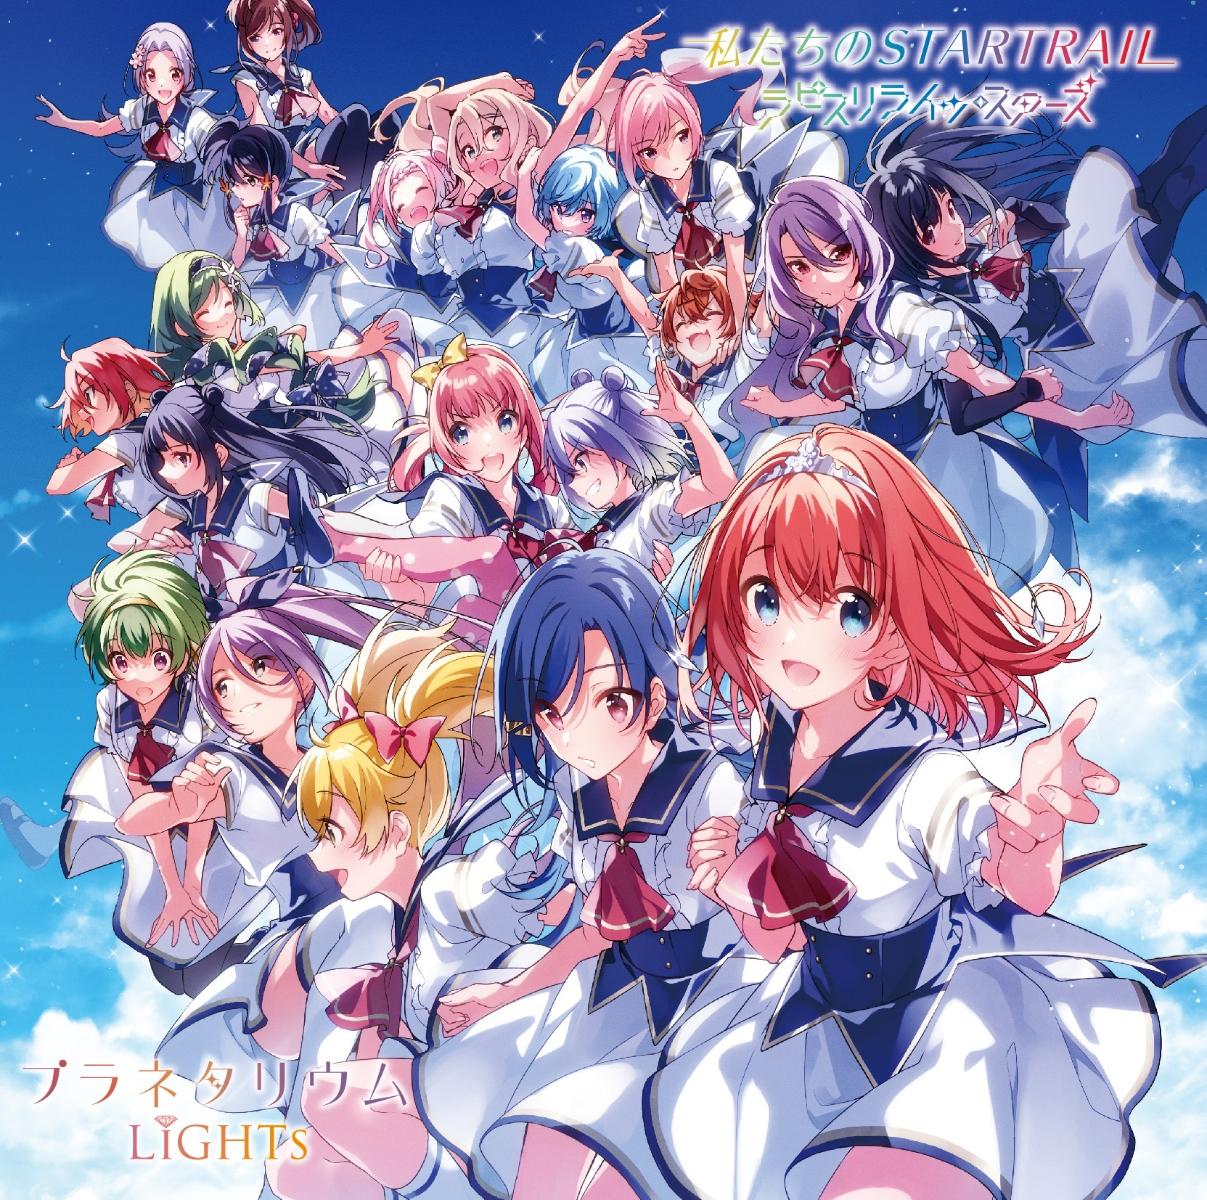 Watashitachi no STARTRAIL/Planetarium   私たちのSTARTRAIL/プラネタリウム